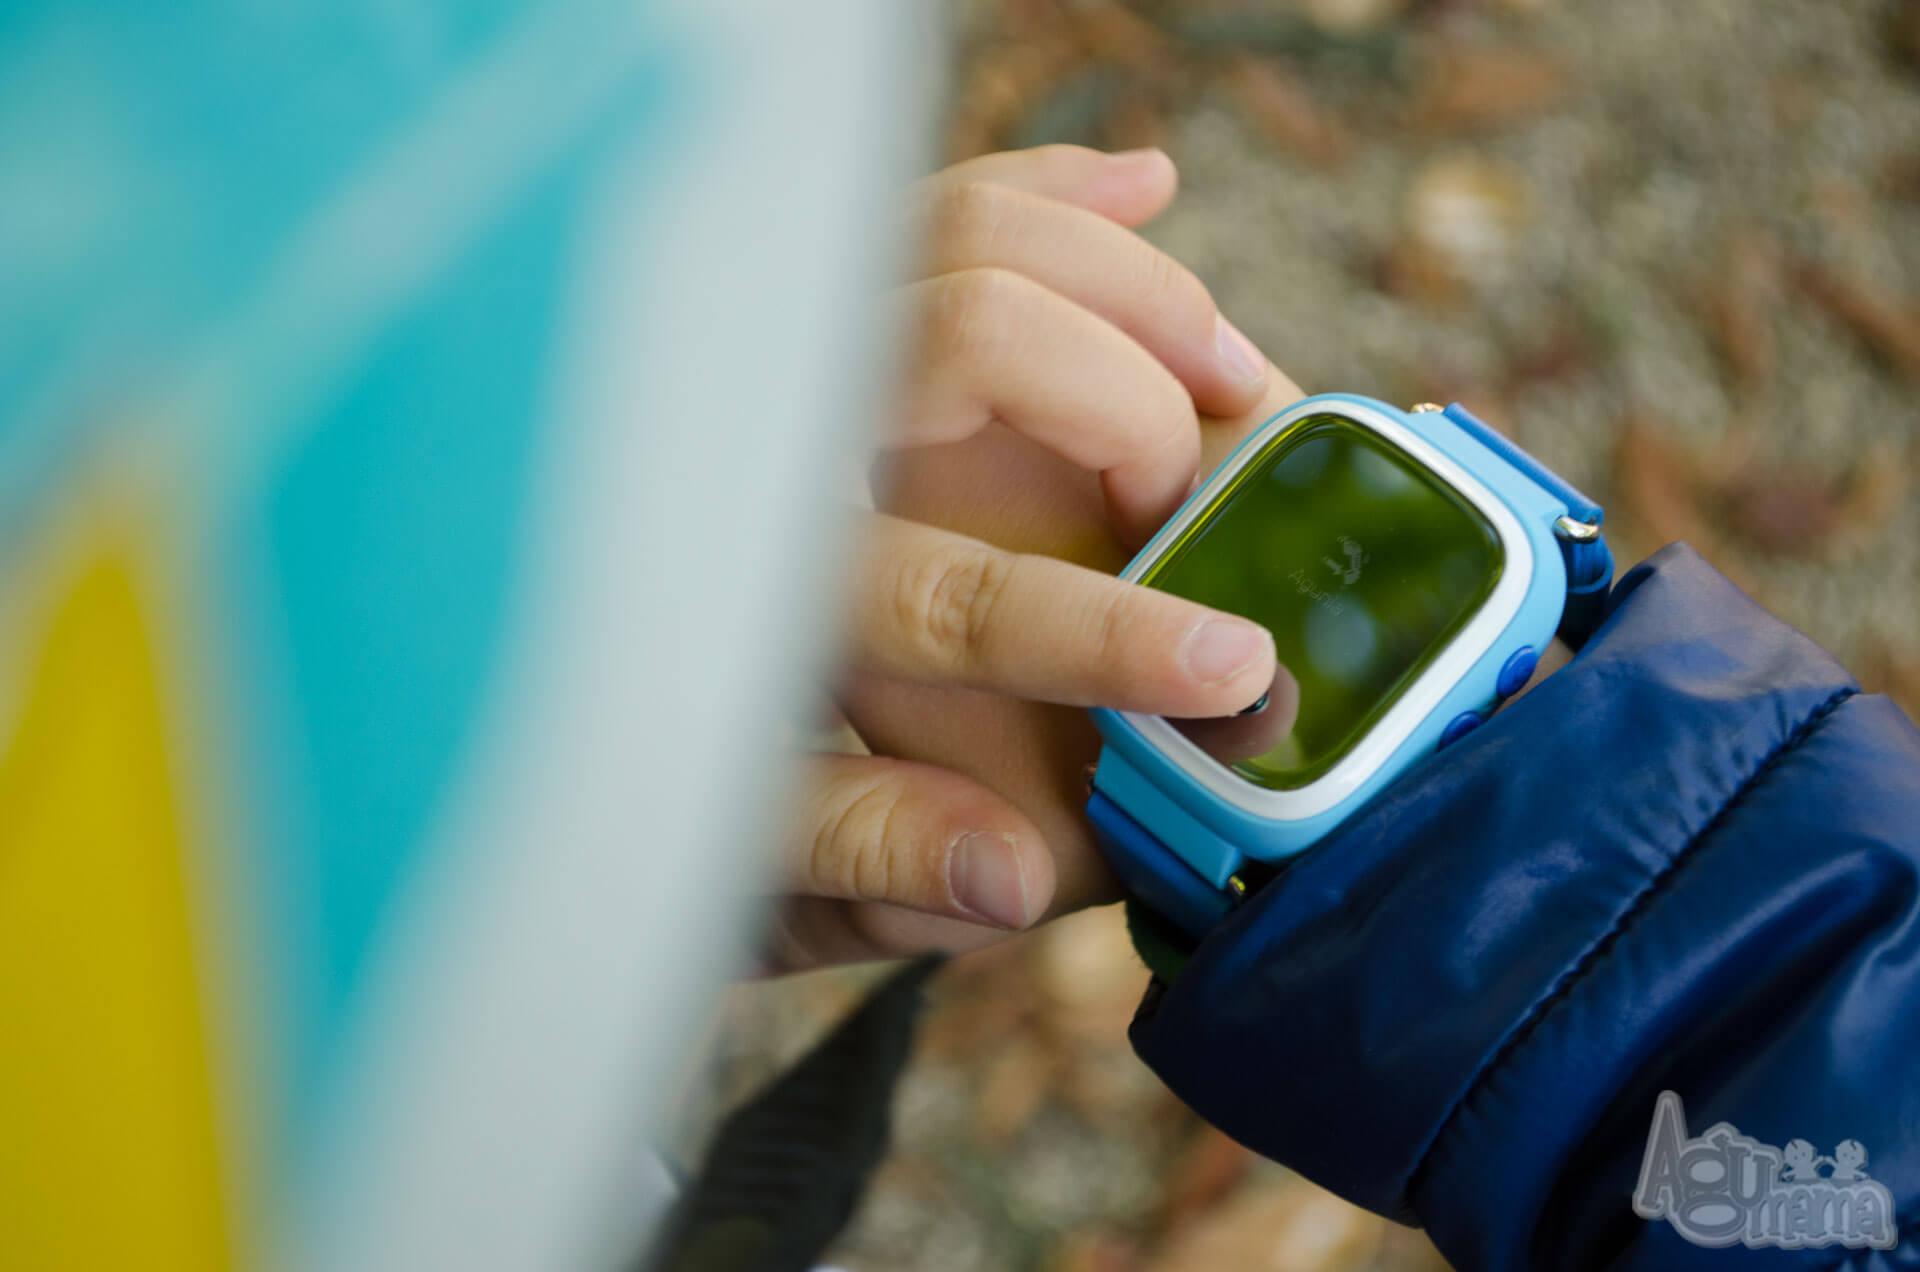 zegarek GPS dla dziecka wysyłanie sygnału SOS